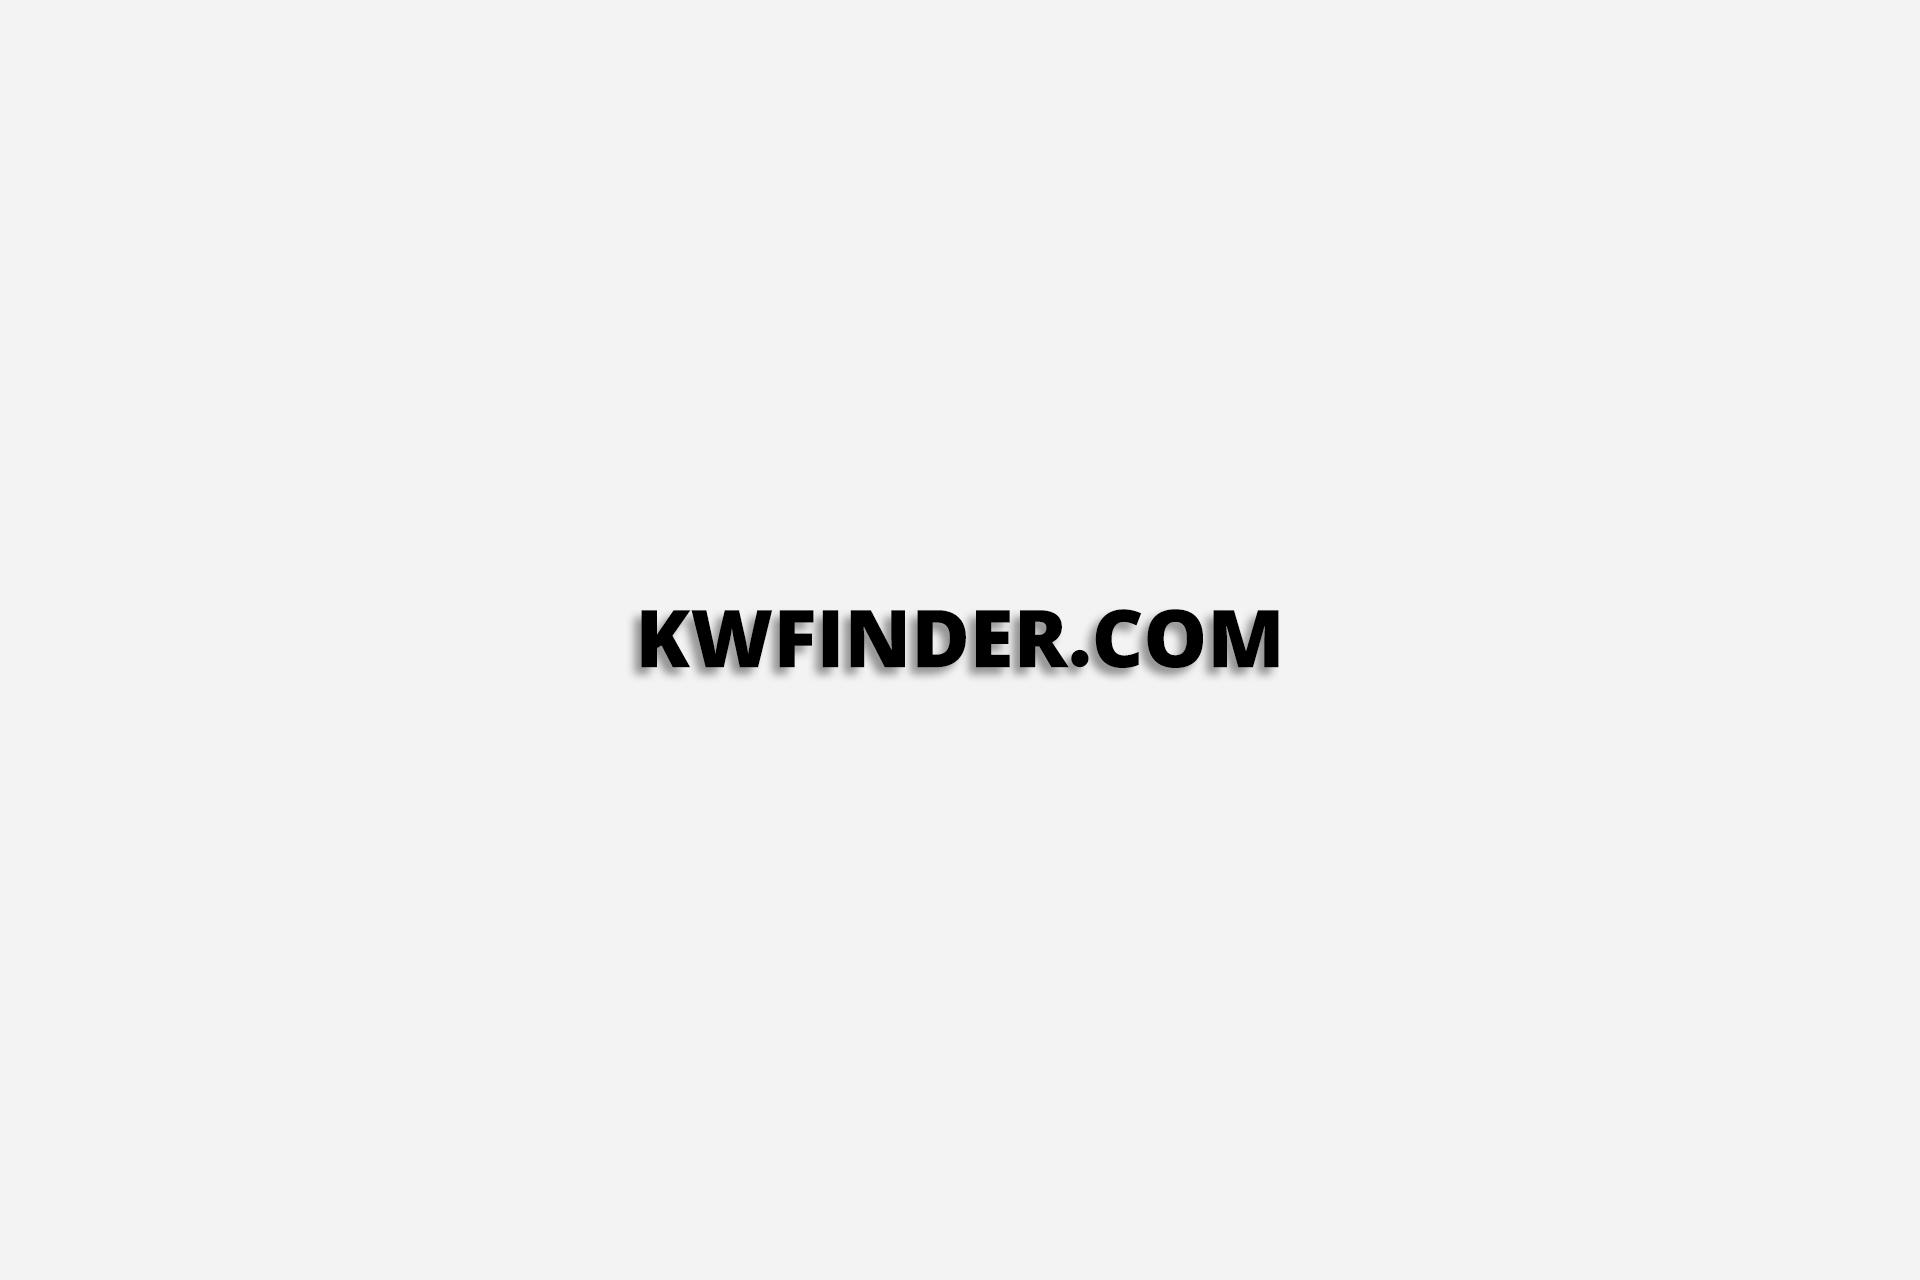 ایده کسب درآمد دلاری با چاپ بنابر تقاضا, KWFINDER